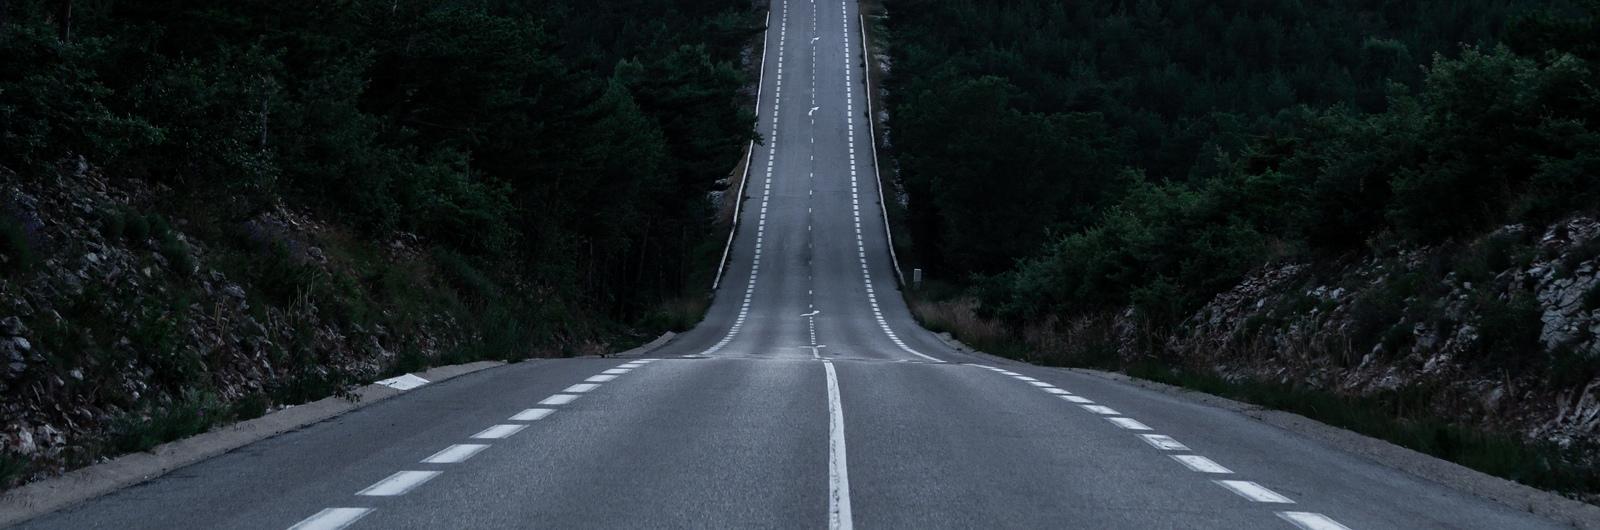 city header france highway sunset